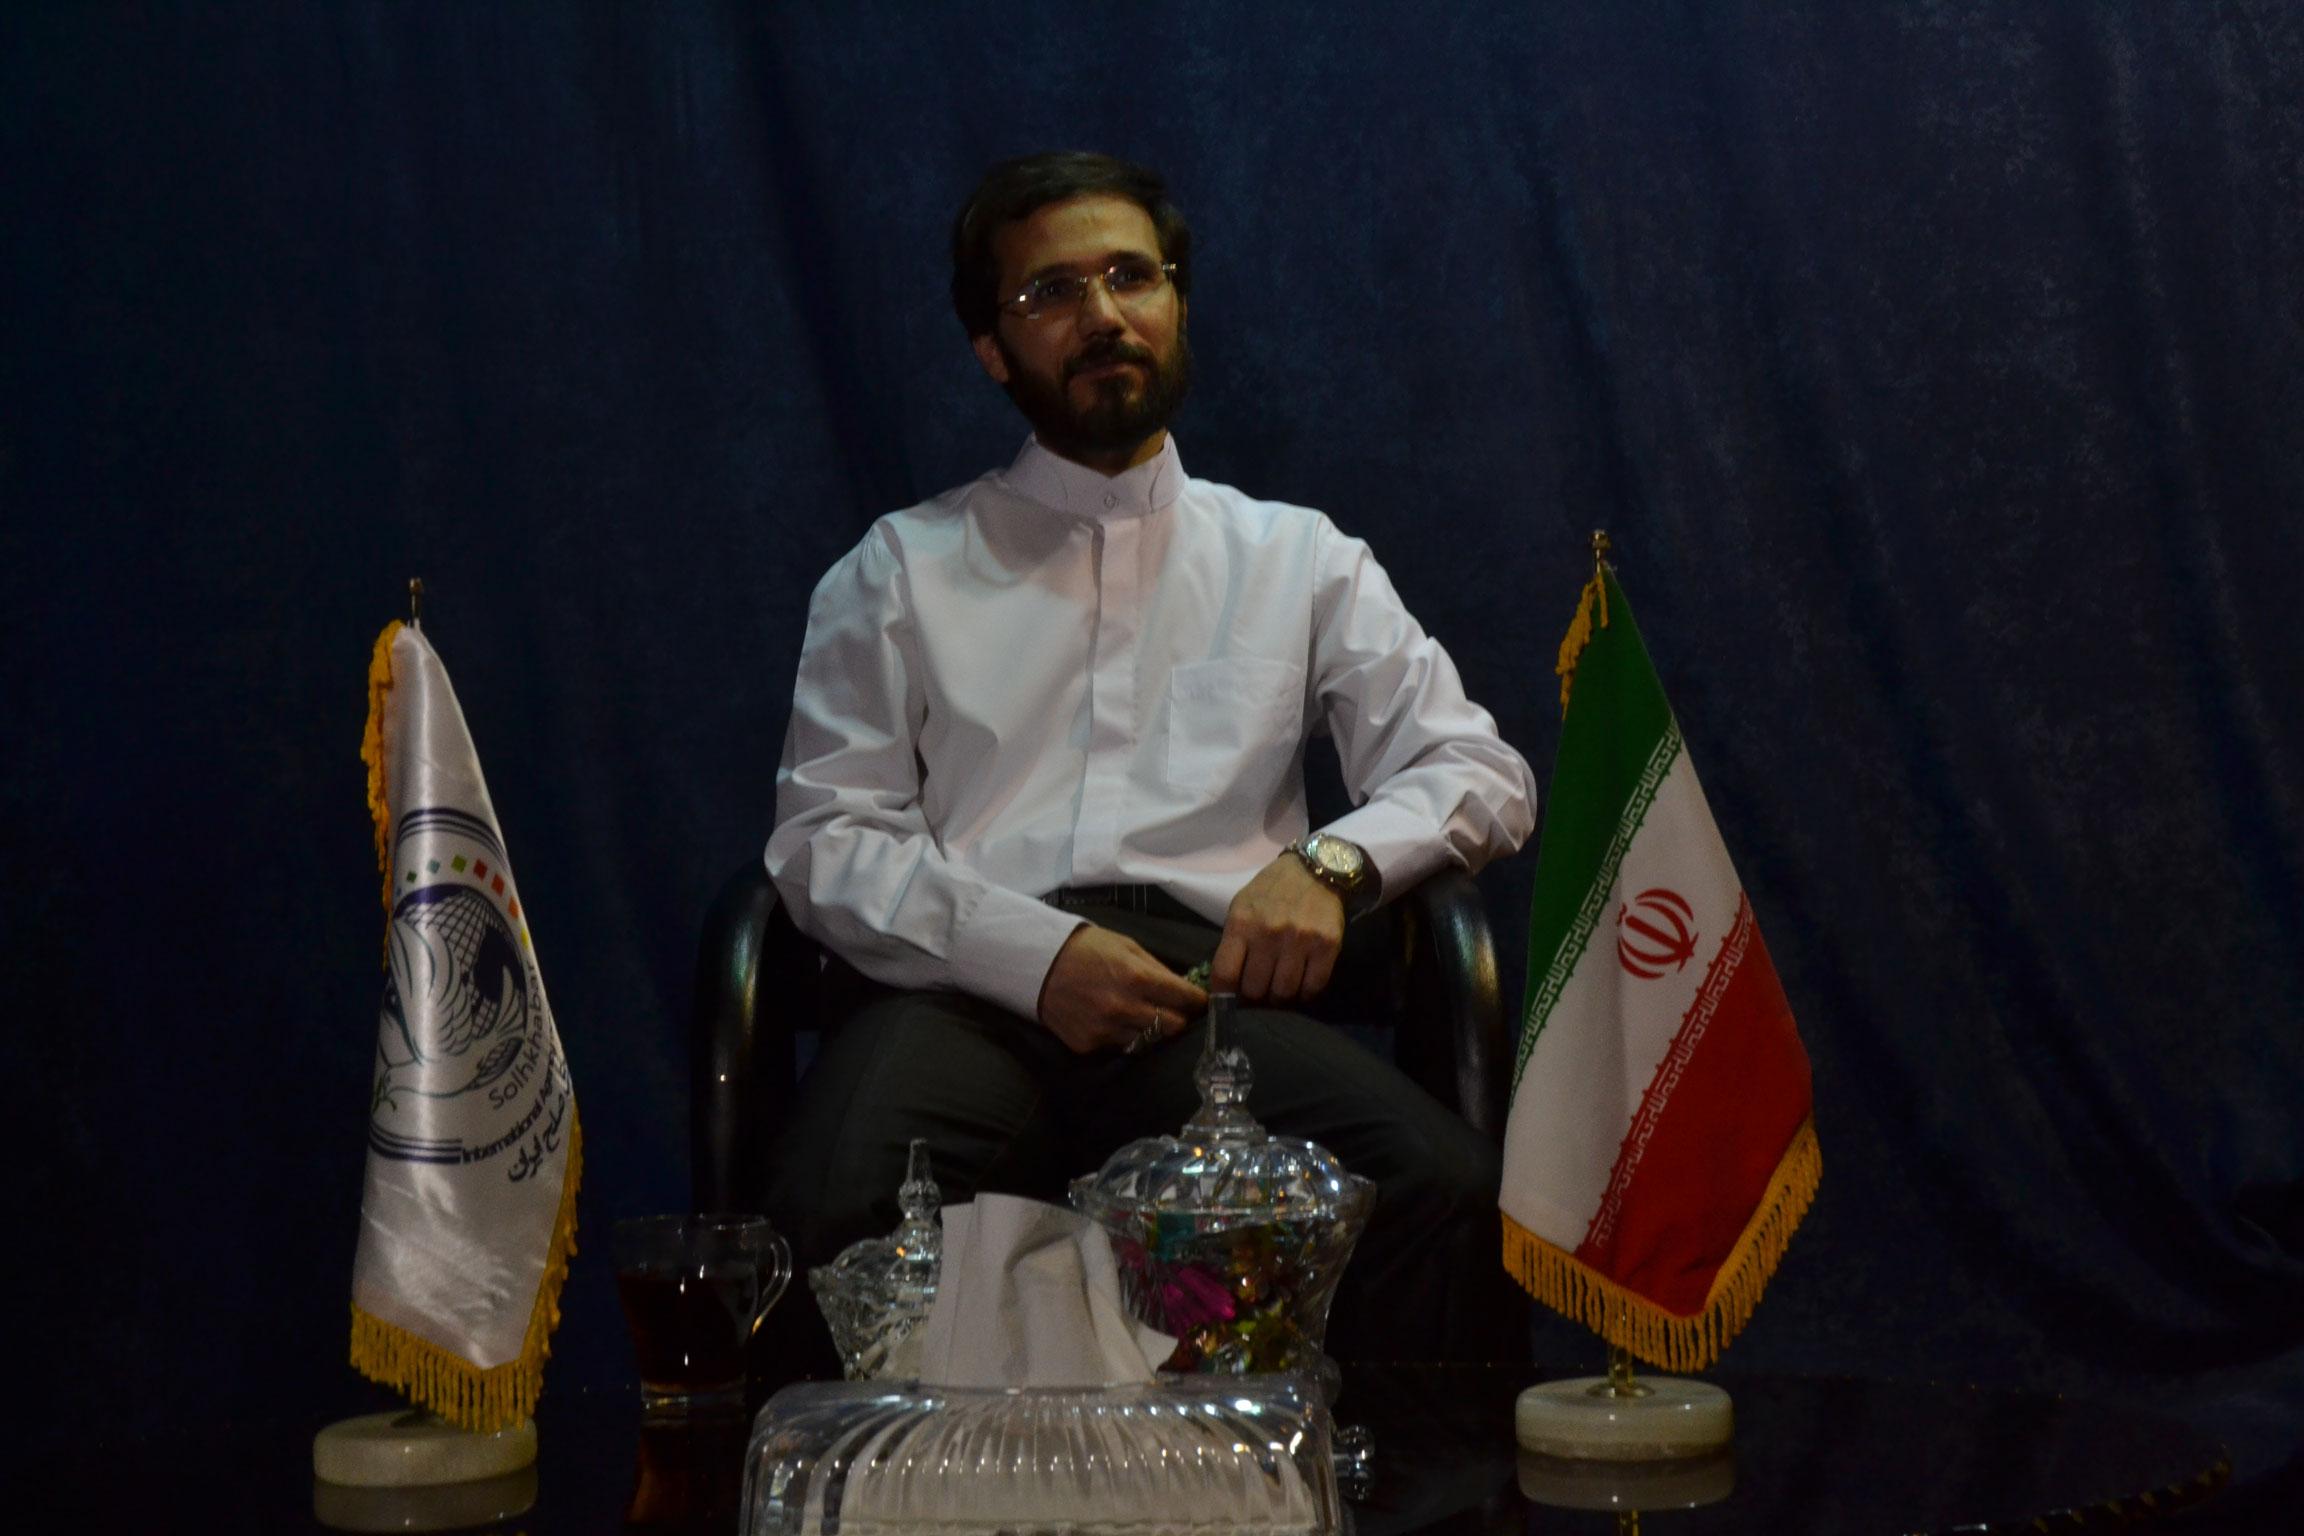 گفتگو خبرگزاری صلح با مهندس حسینی